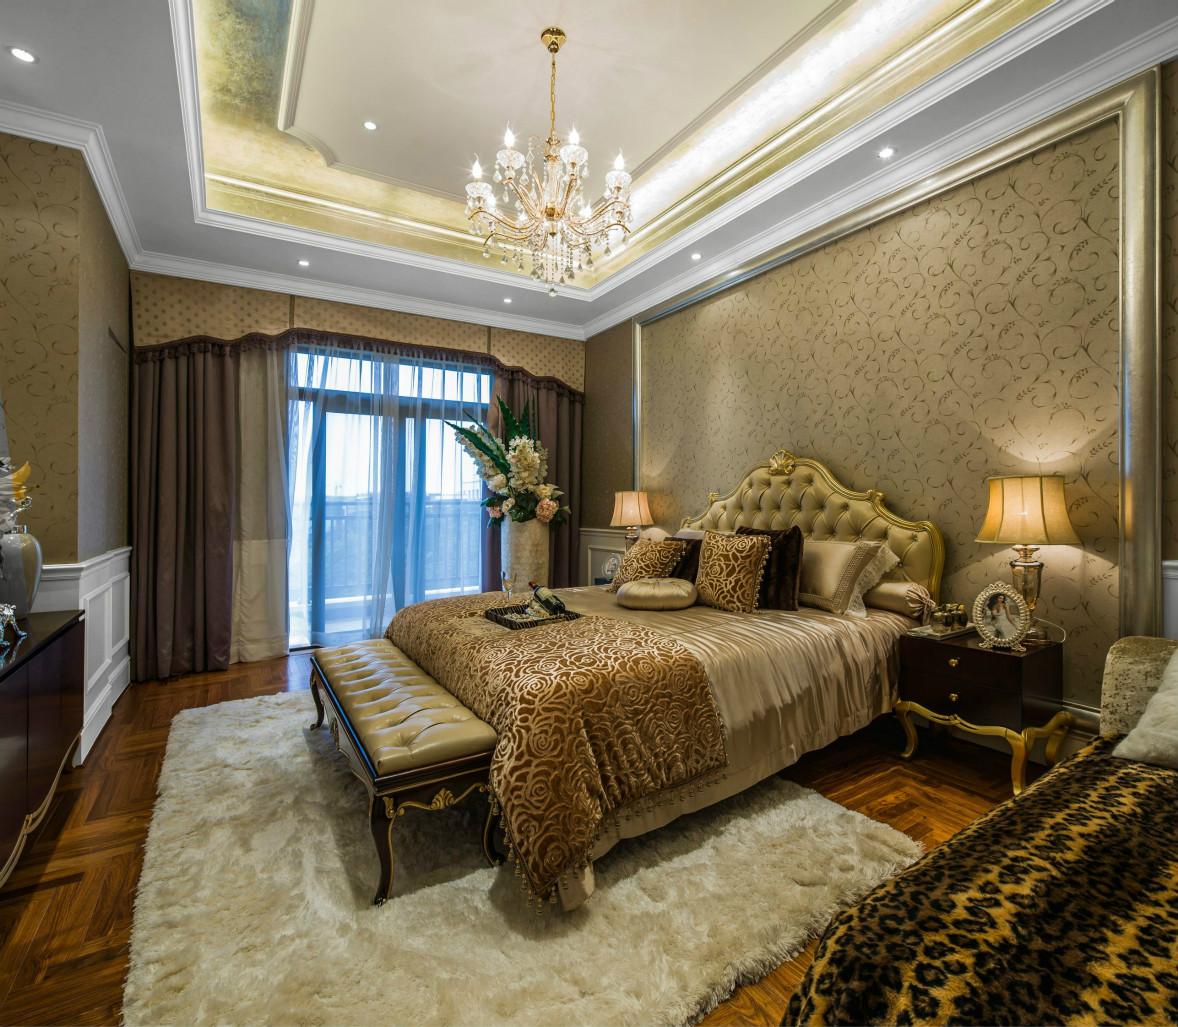 主卧留白空间与木色元素,点缀深灰色窗帘,轻盈质朴,赋有层次